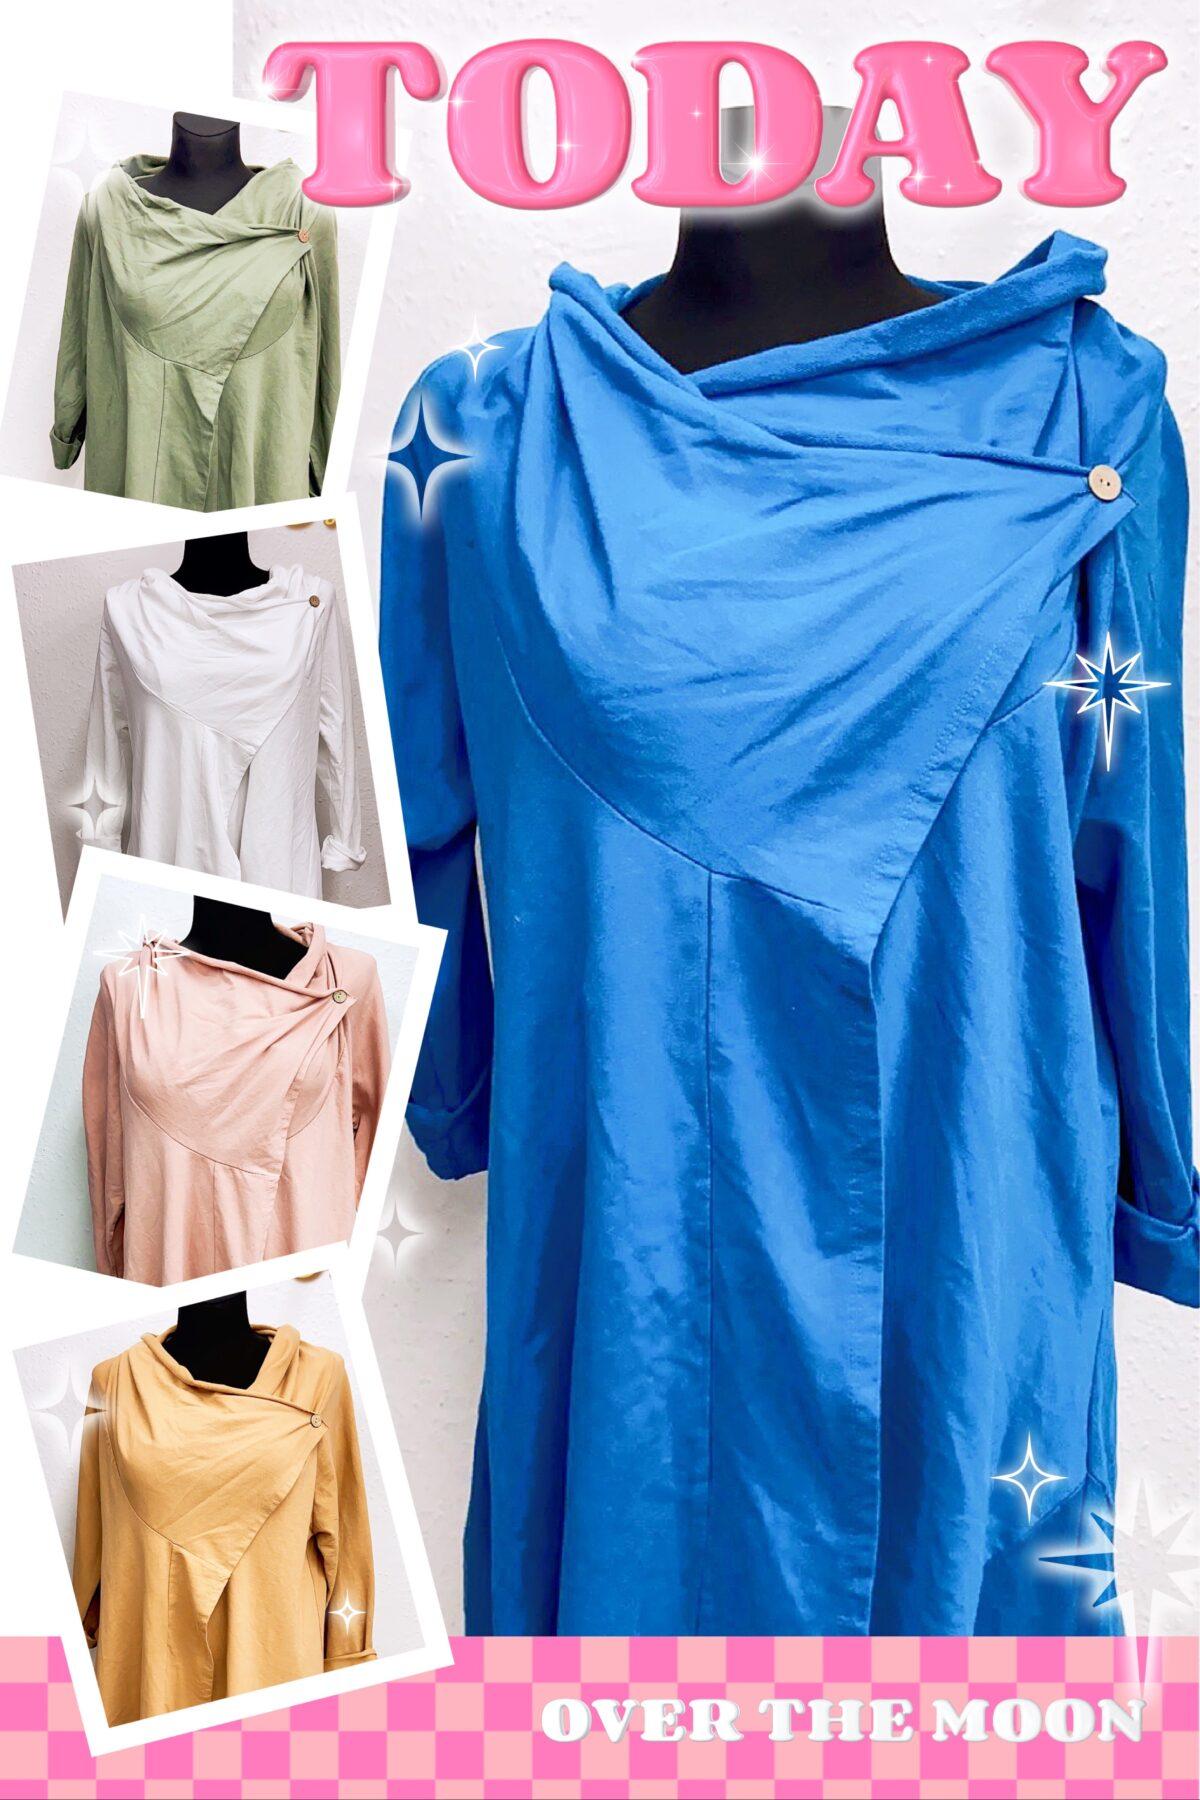 1E8FC7E9 0756 4336 8EED 62E843A8F653 scaled Osili - Fashion - Divat